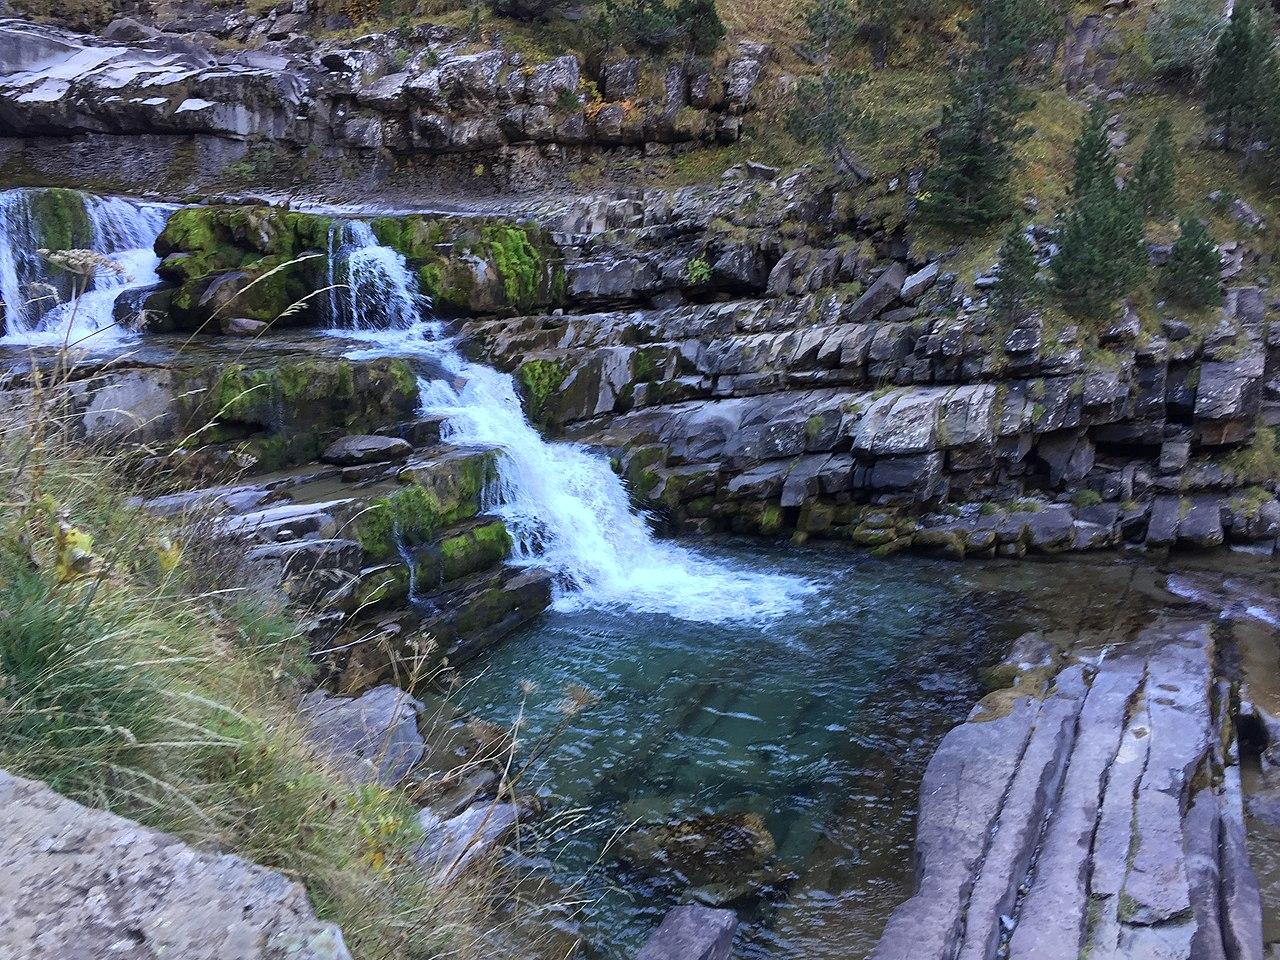 Centenario de Ordesa - Vistas increíbles del Parque Nacional de Ordesa y Monte Perdido